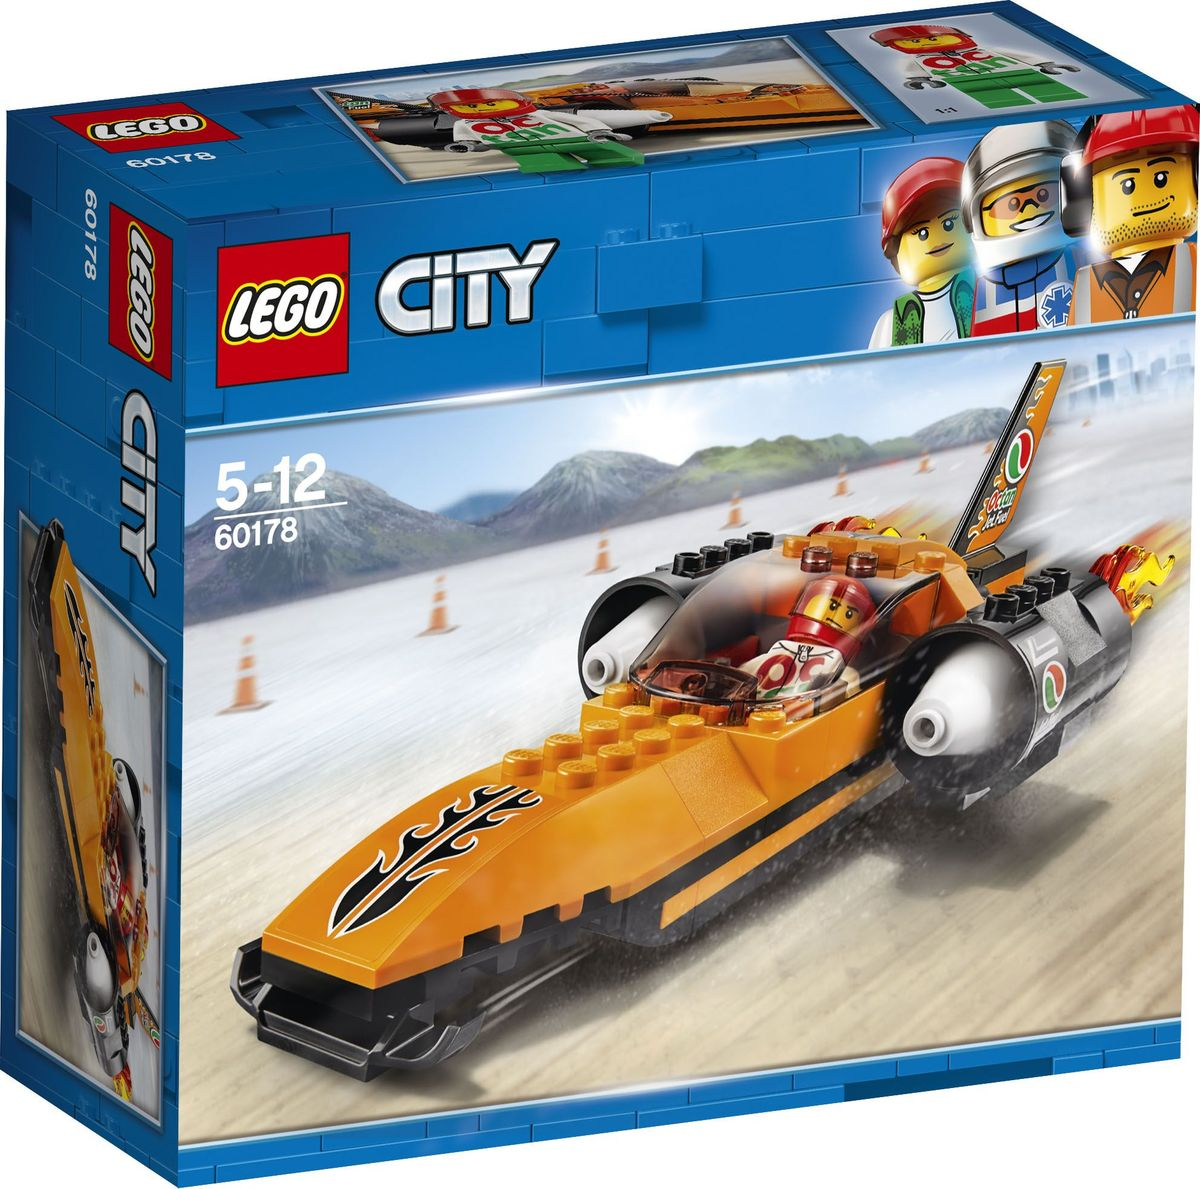 LEGO City Great Vehicles Конструктор Гоночный автомобиль 60178 конструктор lego city great vehicles 60178 гоночный автомобиль